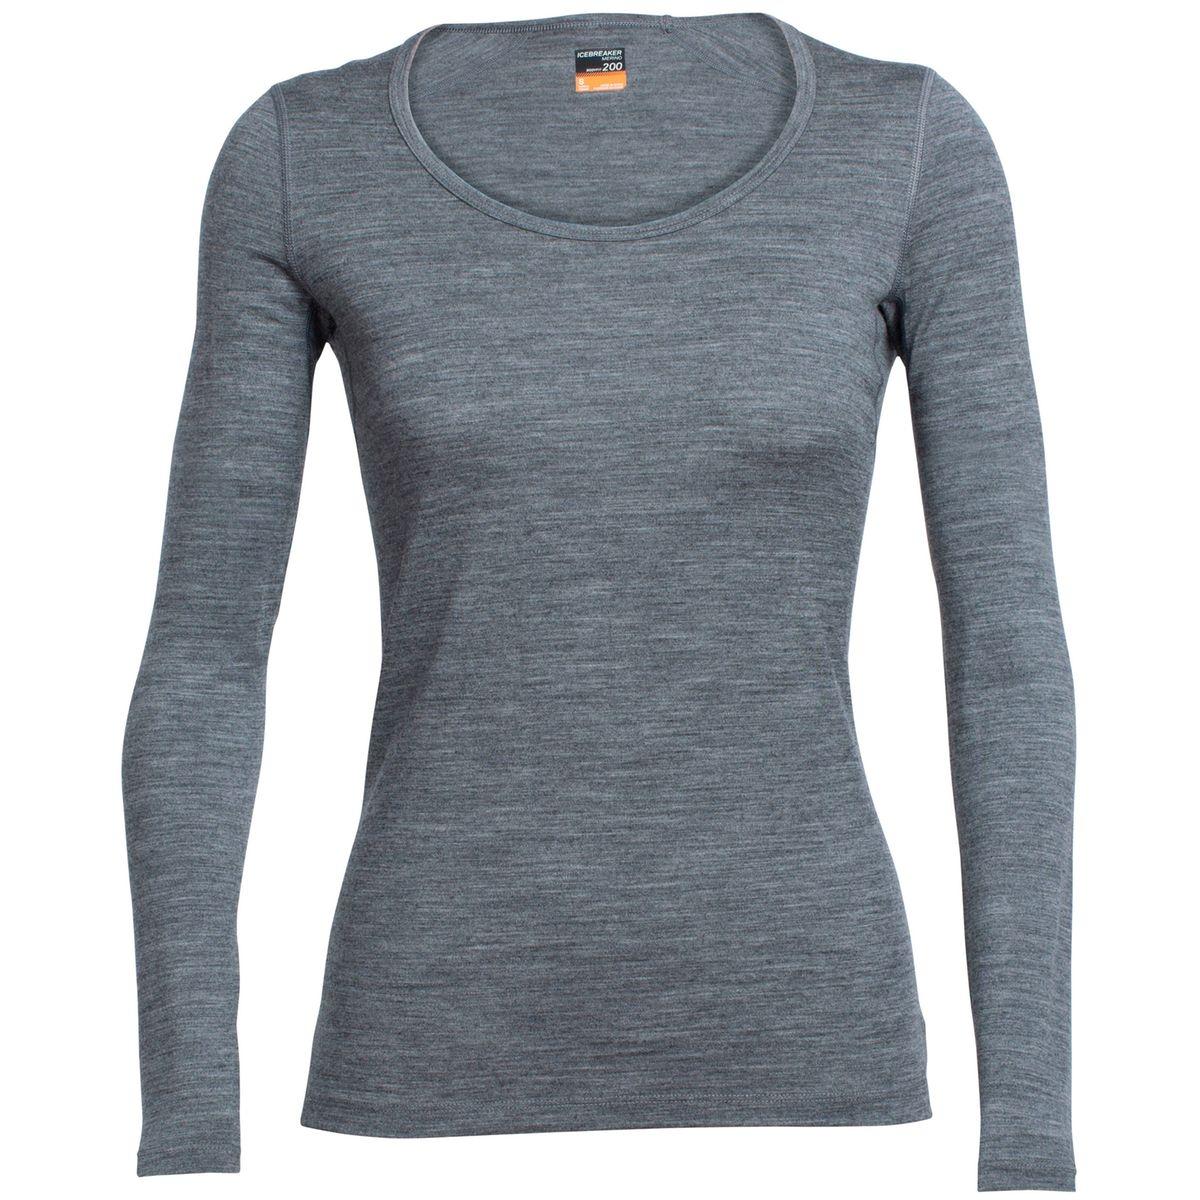 Oasis - Sous-vêtement Femme - gris